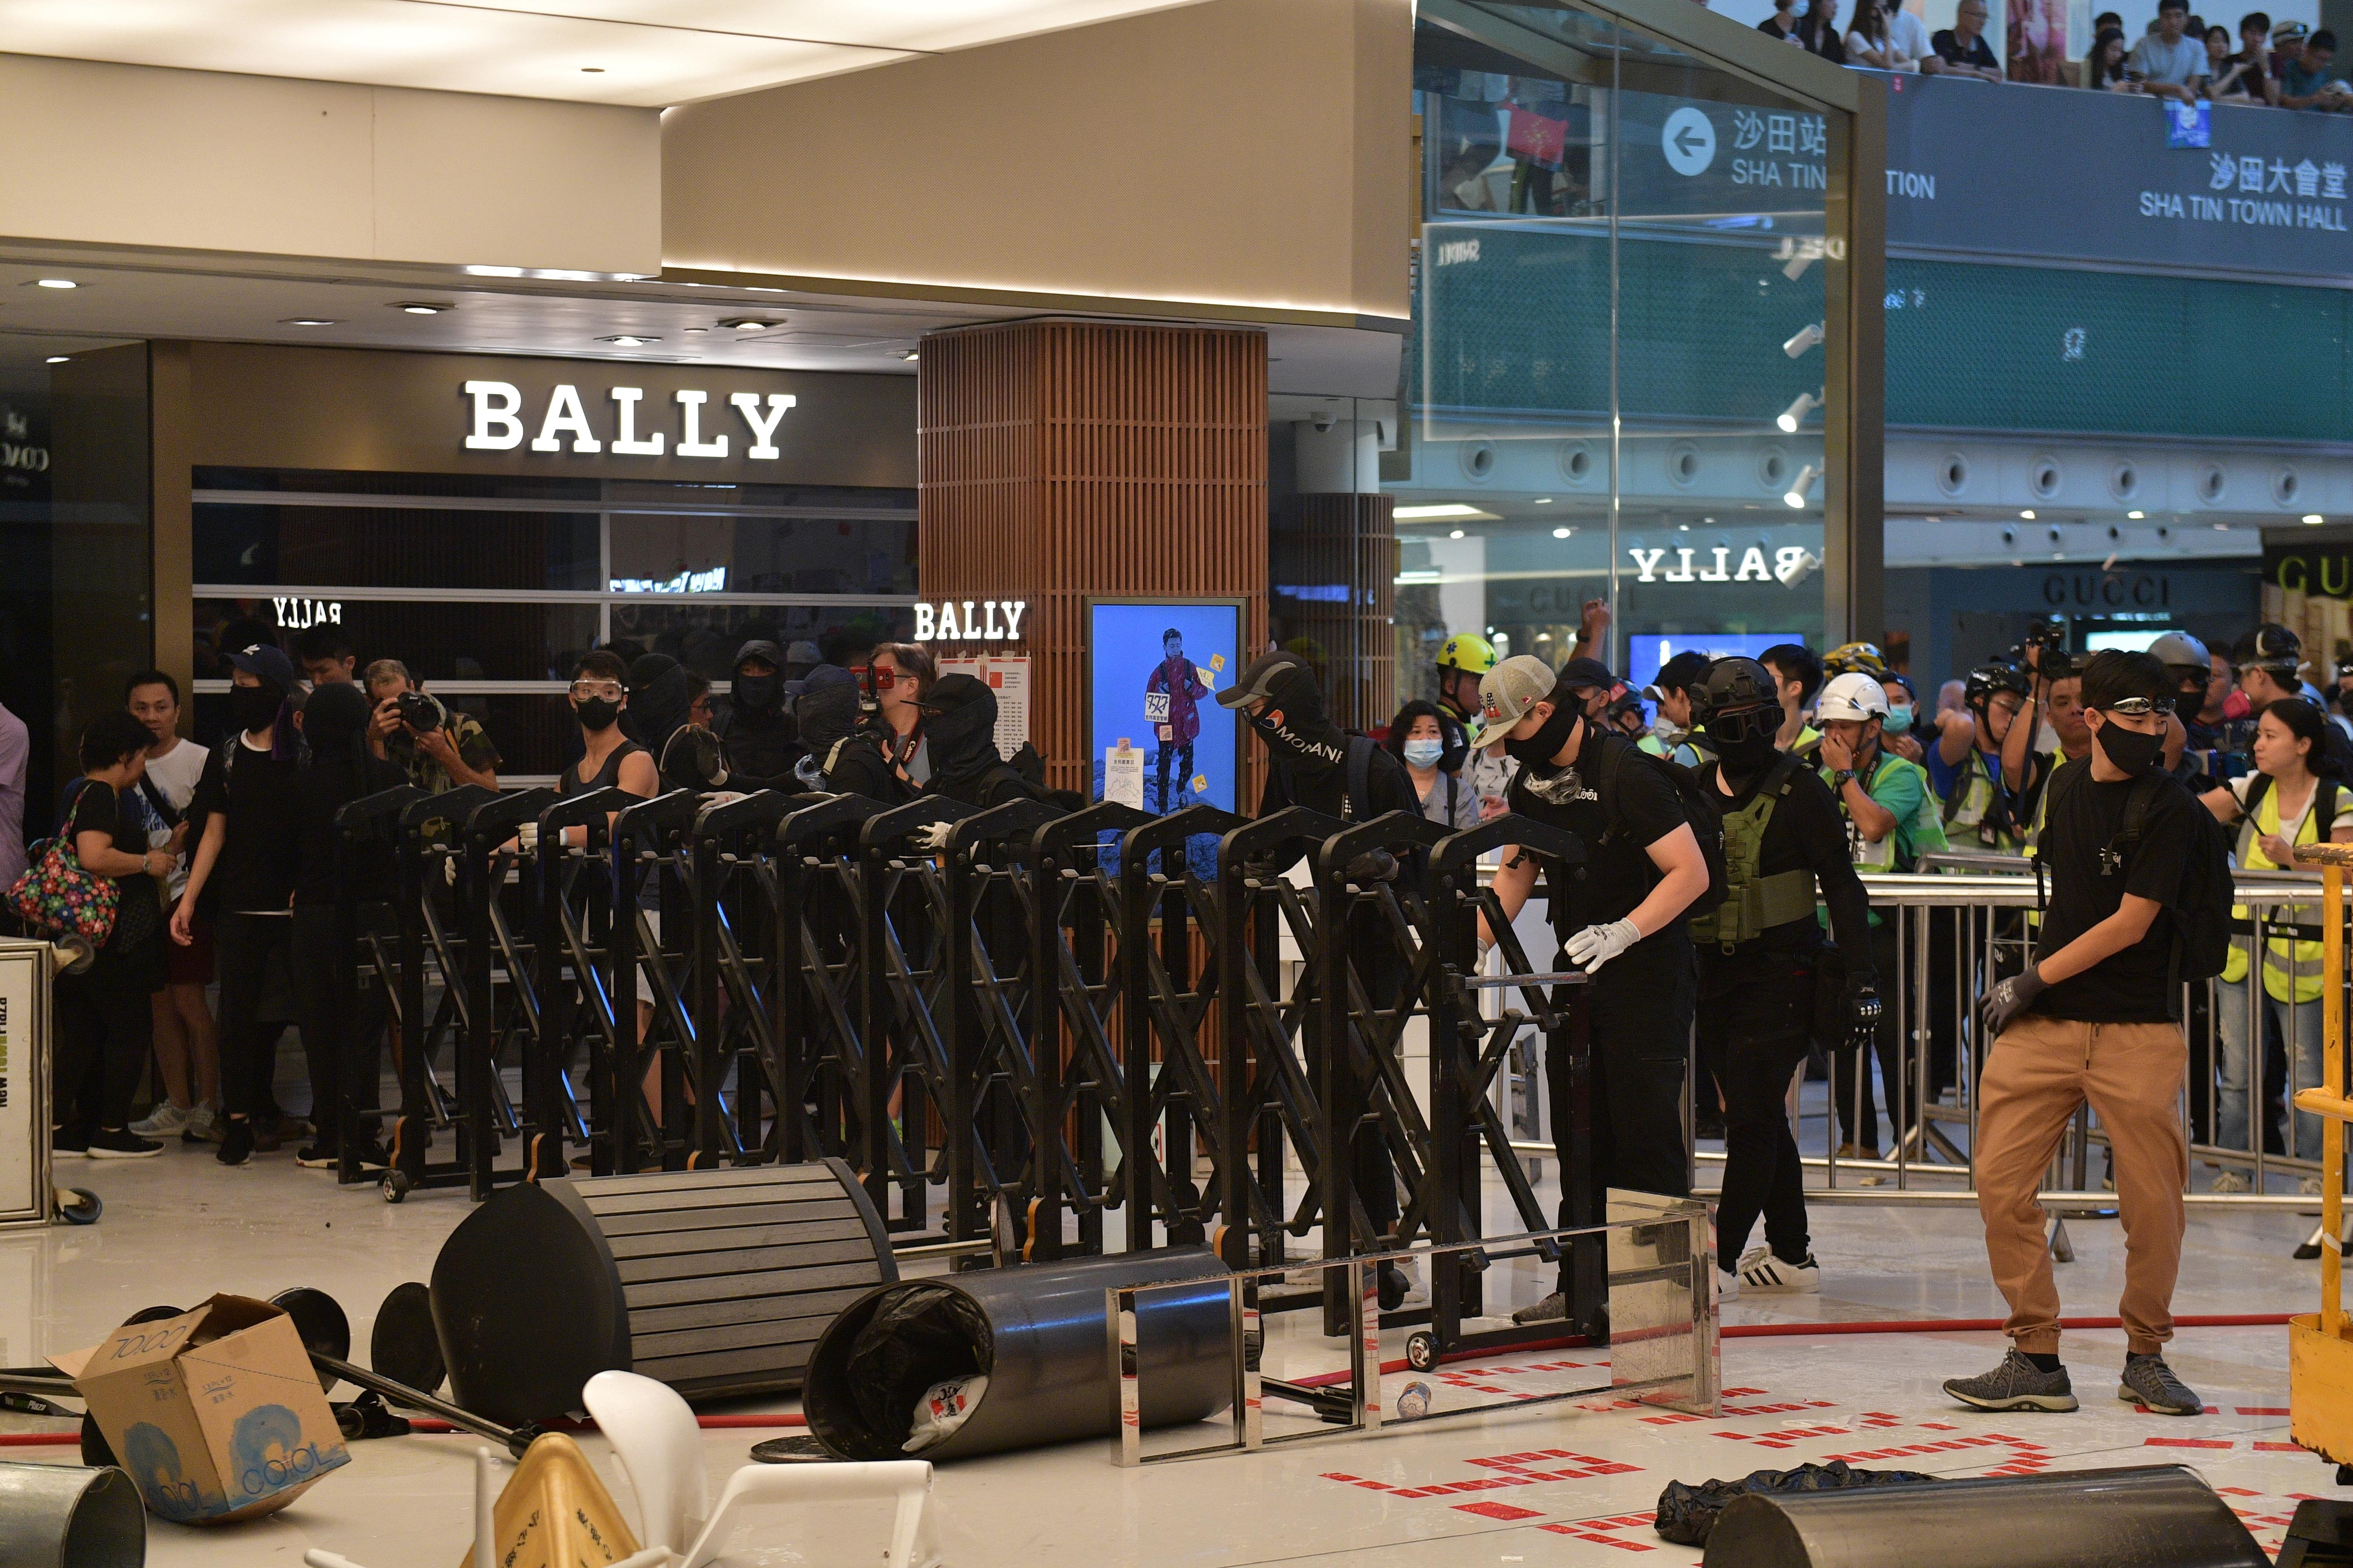 مواجهات عنيفية بين الشرطة والمحتجين في شيا تين في هونغ كونغ